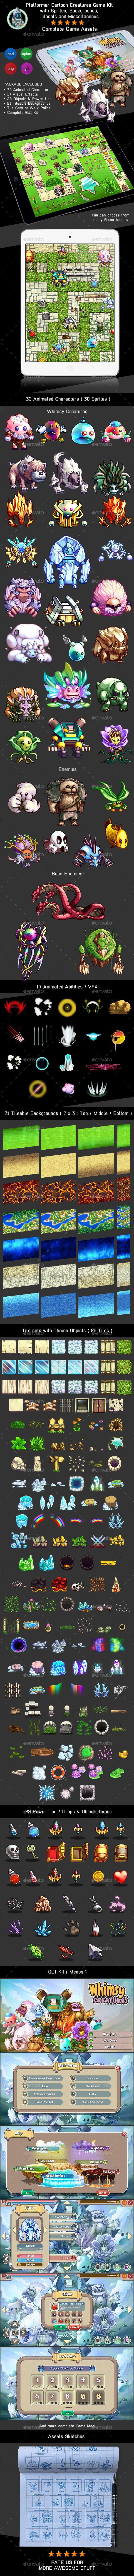 2D Platformer Cartoon Creatures Game Assets Bundle w Sprites - #Game Kits Game Assets Download here: https://graphicriver.net/item/2d-platformer-cartoon-creatures-game-assets-bundle-w-sprites/17104471?ref=alena994